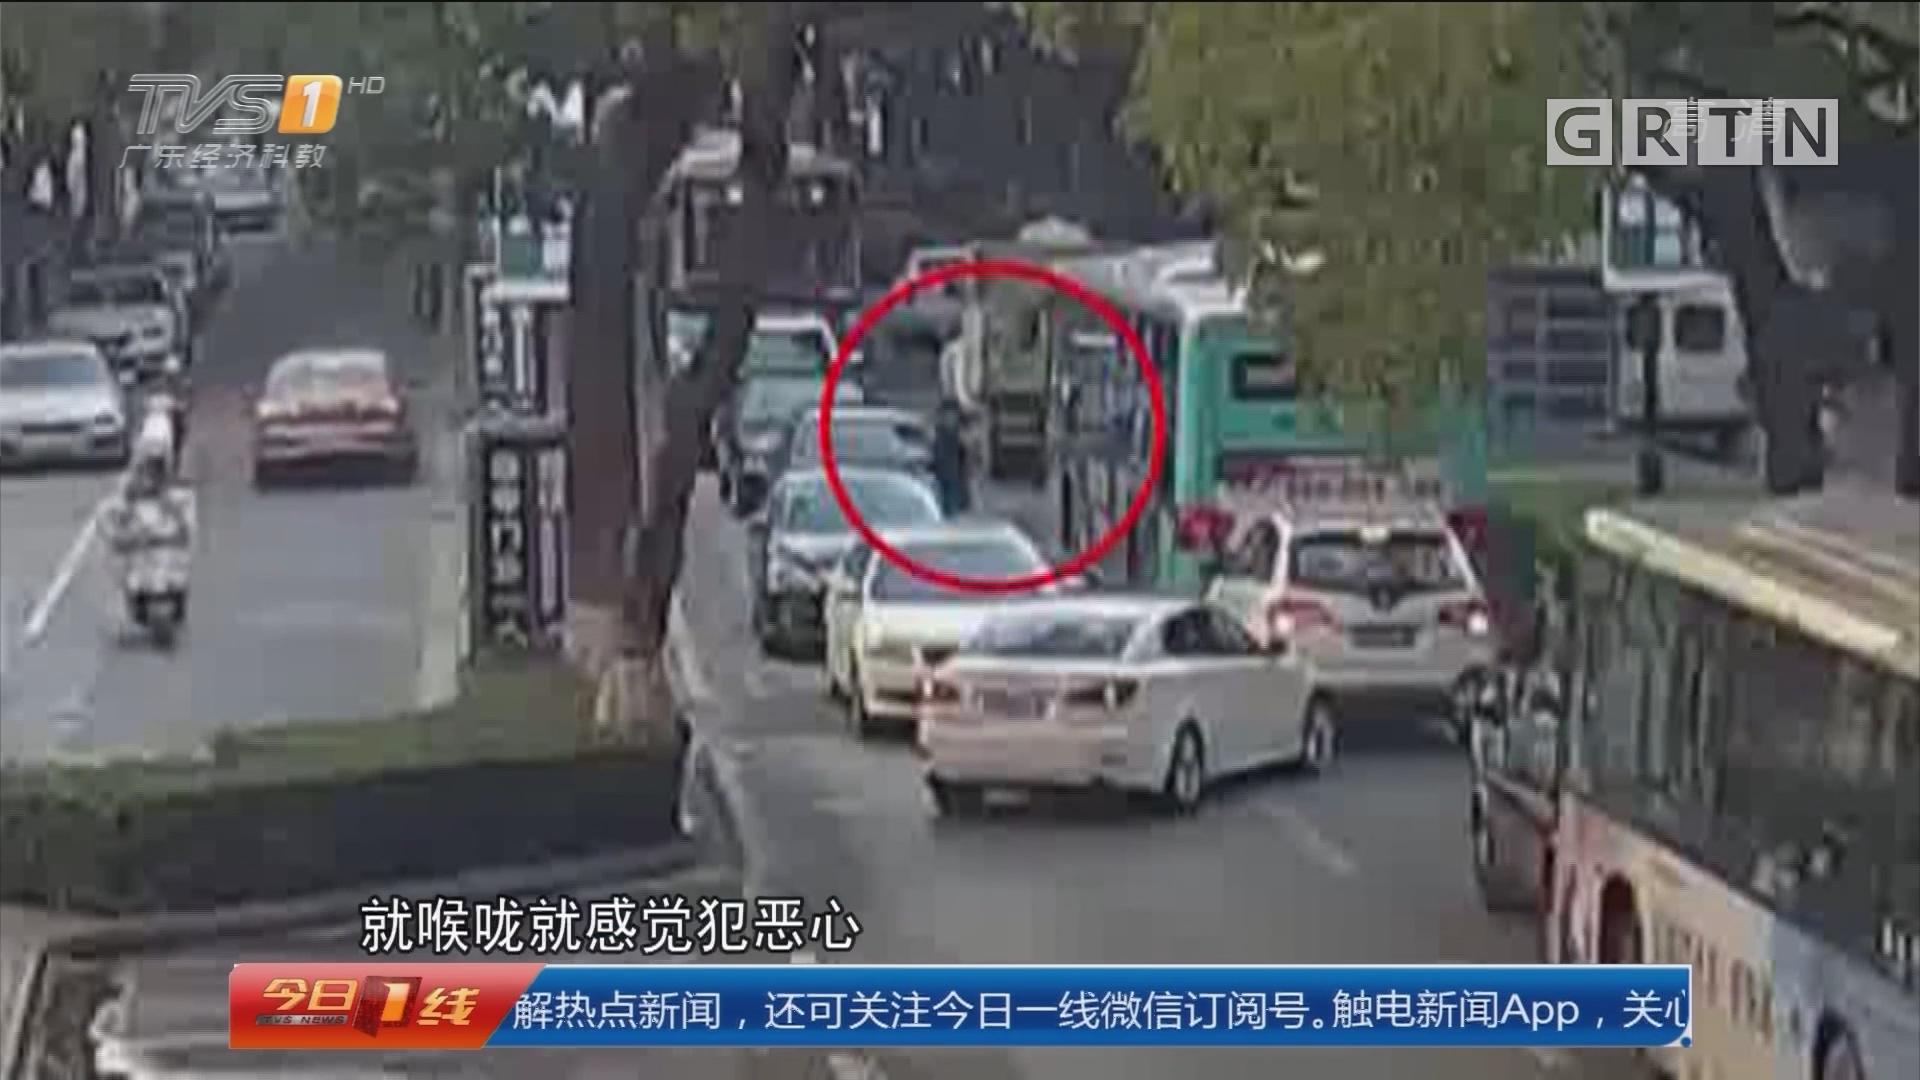 苏州:公交司机被喷辣椒水 肇事者被拘